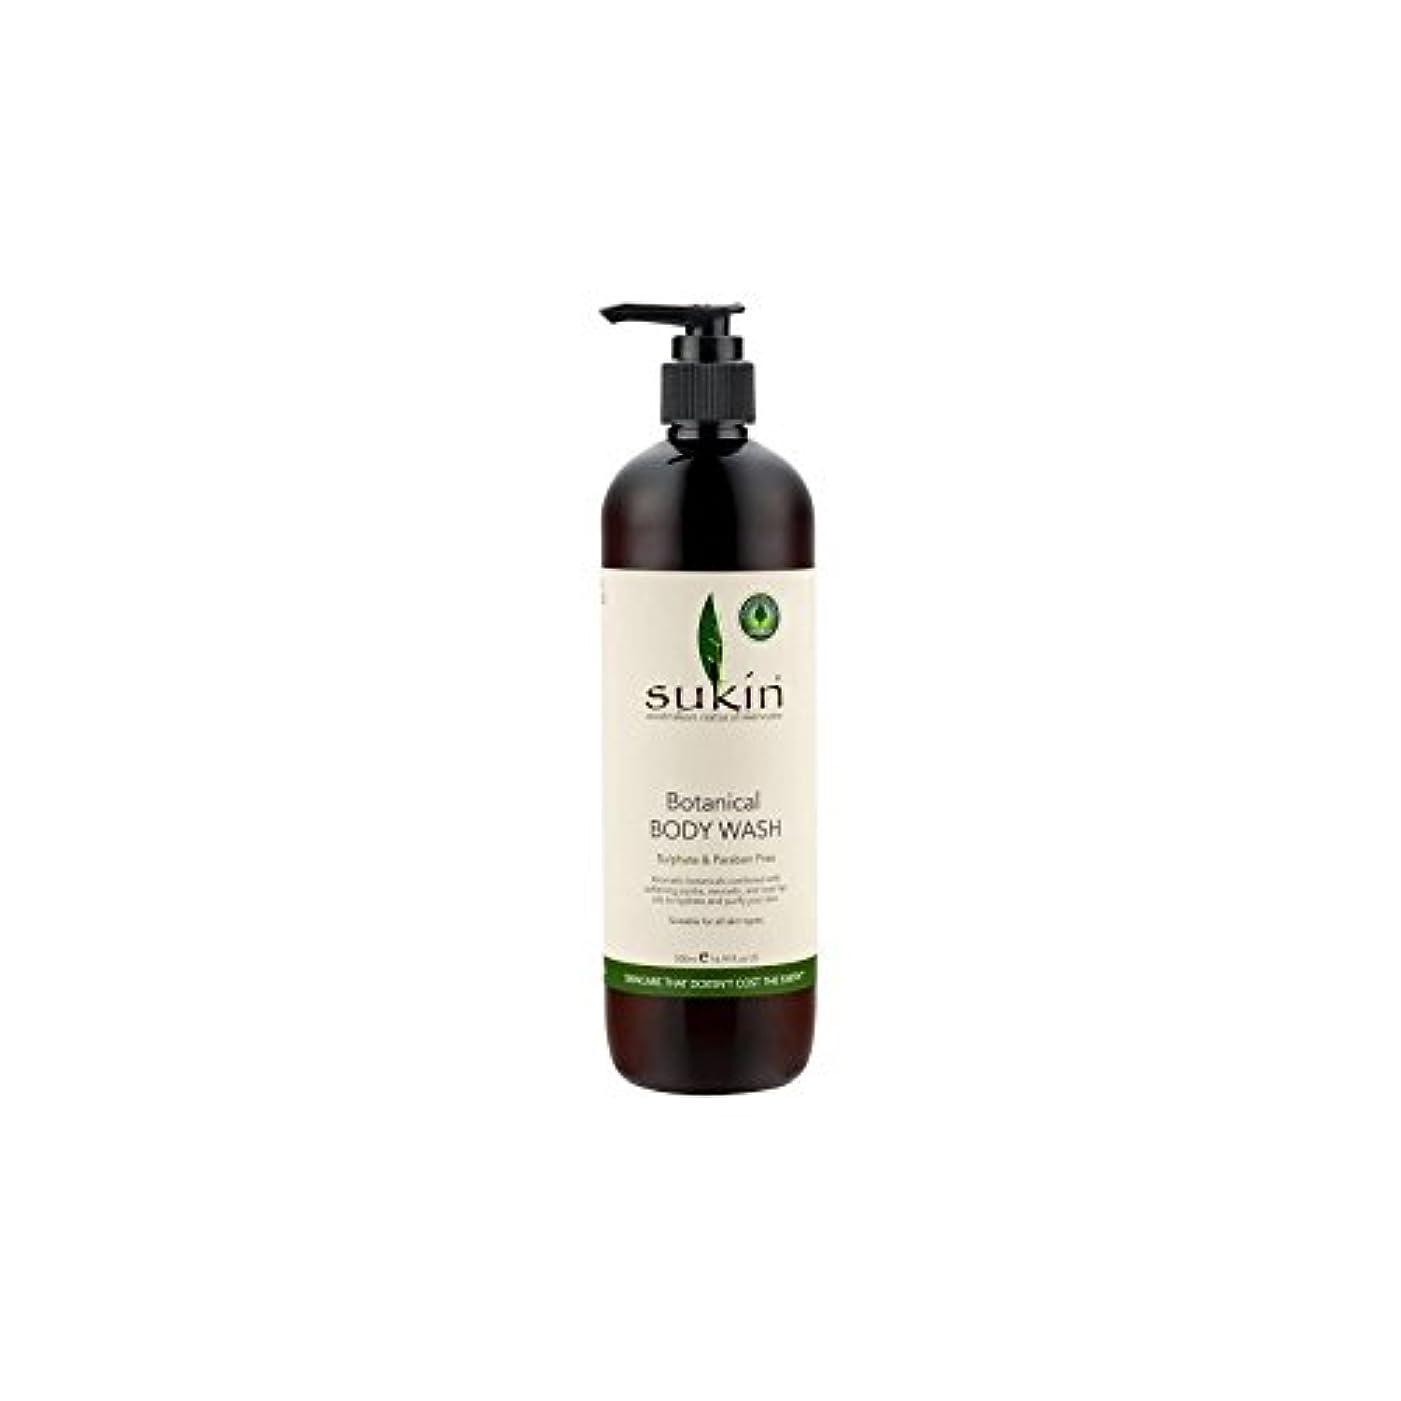 店員長々と取り替える植物ボディウォッシュ(500ミリリットル) x4 - Sukin Botanical Body Wash (500ml) (Pack of 4) [並行輸入品]